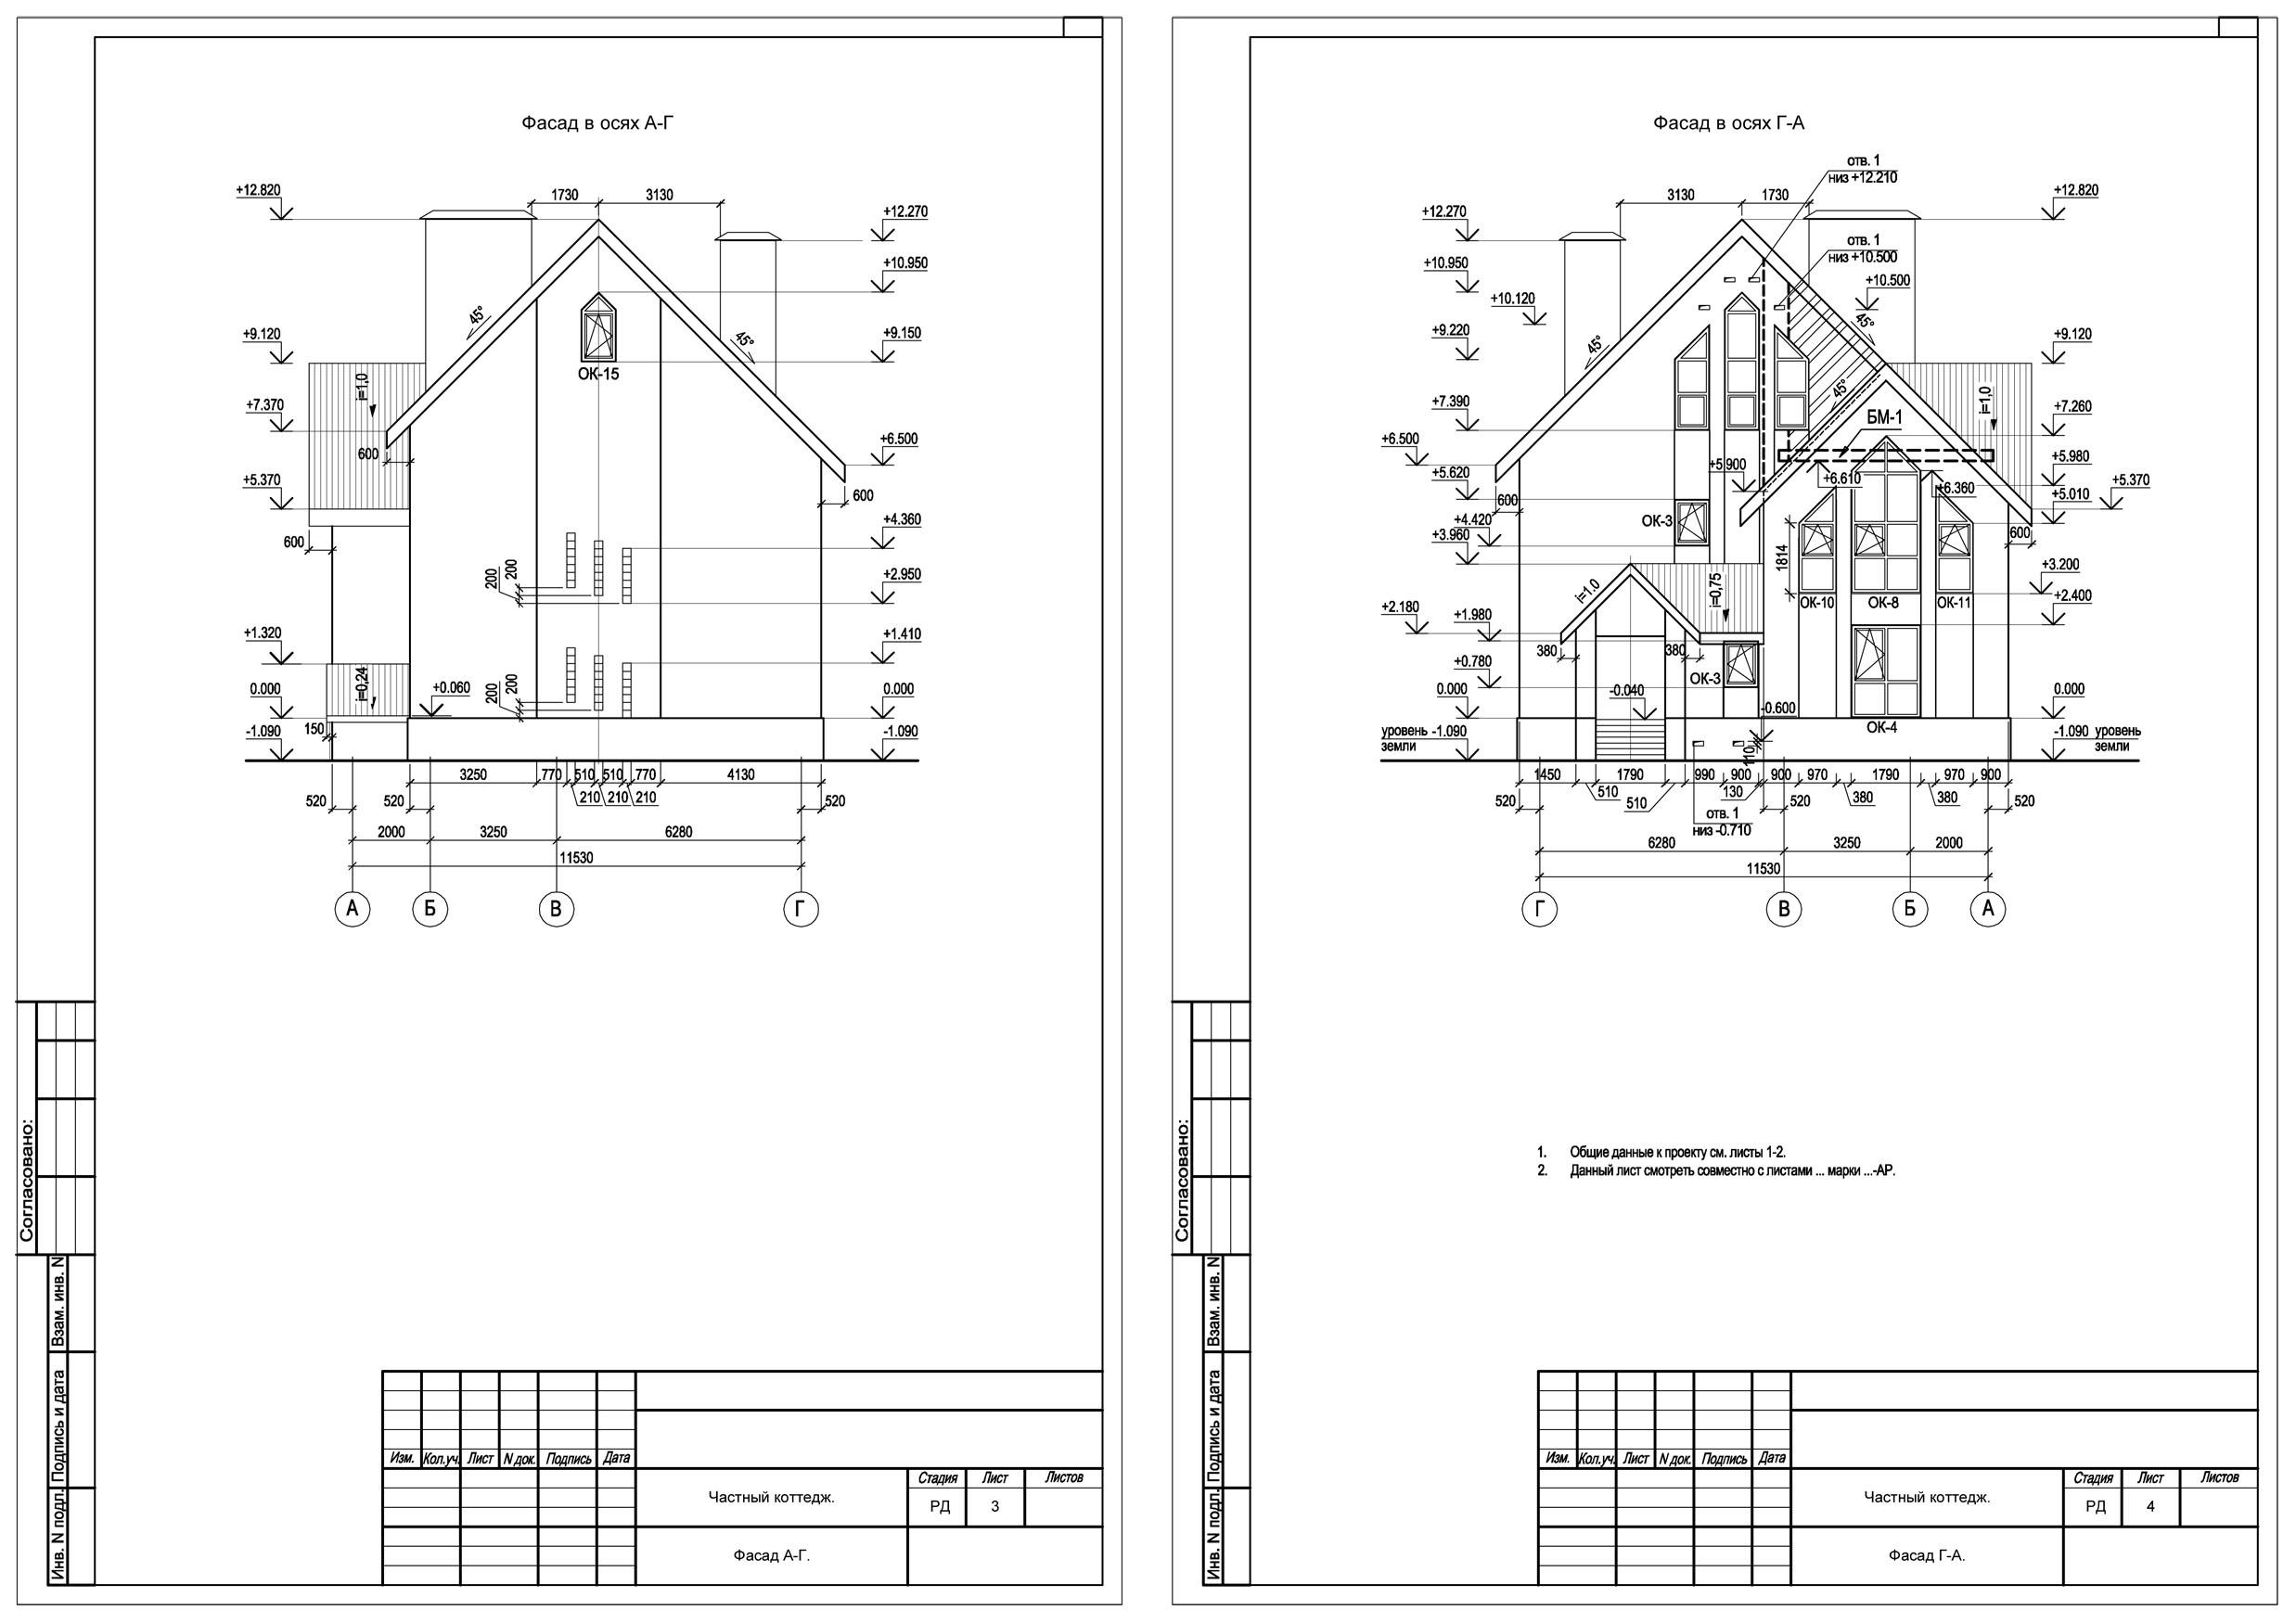 Двухэтажный коттедж с подвалом, жилым чердаком (DWG)